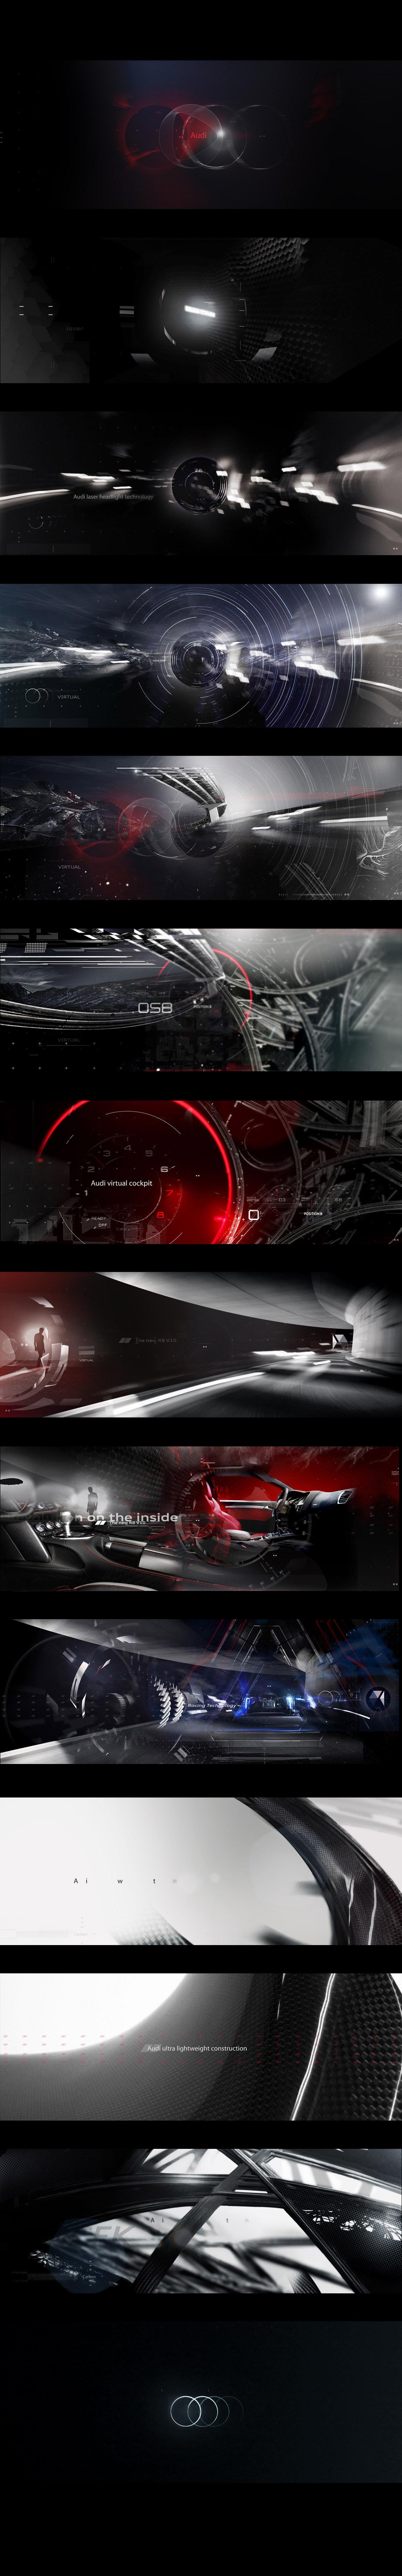 Audi Geneva 2015 Still Frames